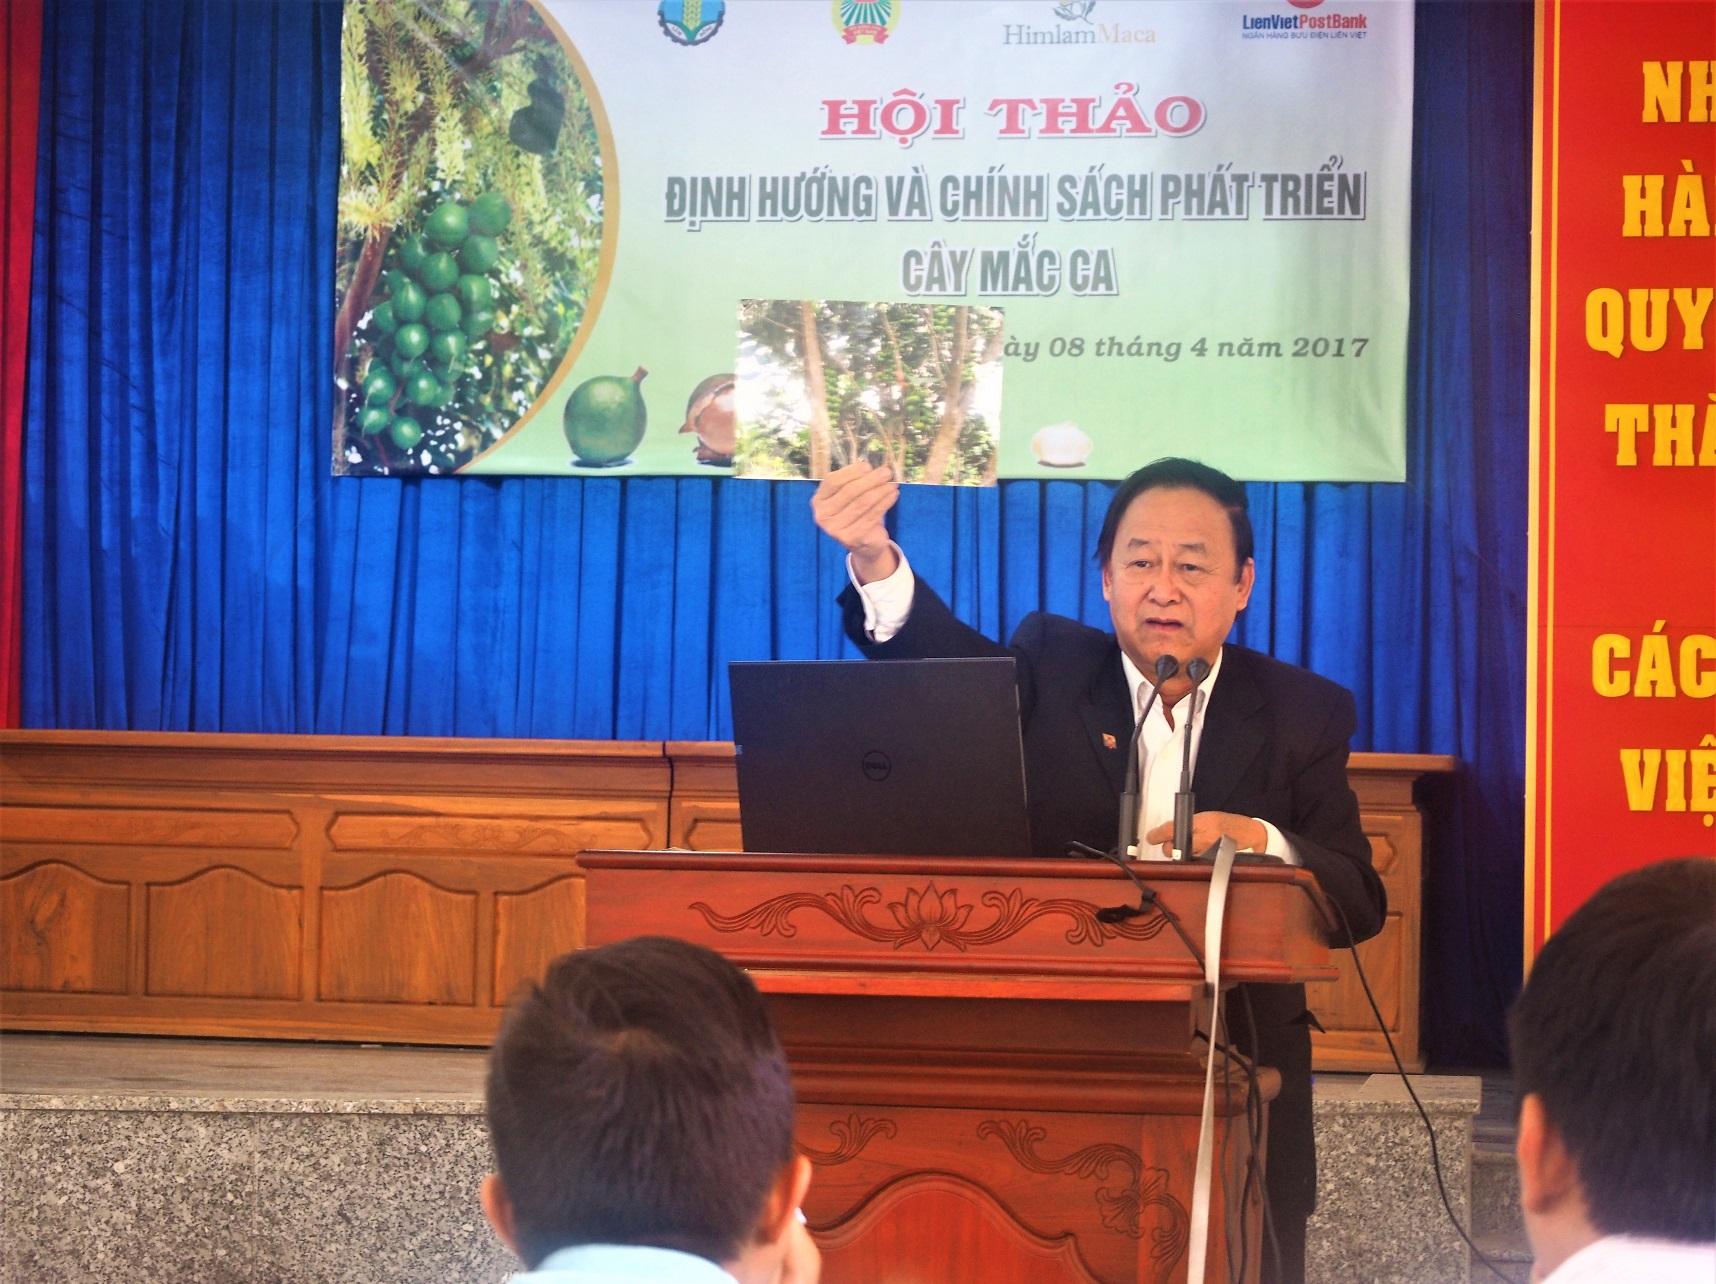 Chuyên gia nông nghiệp Nguyễn Lân Hùng giới thiệu về cây mắc ca